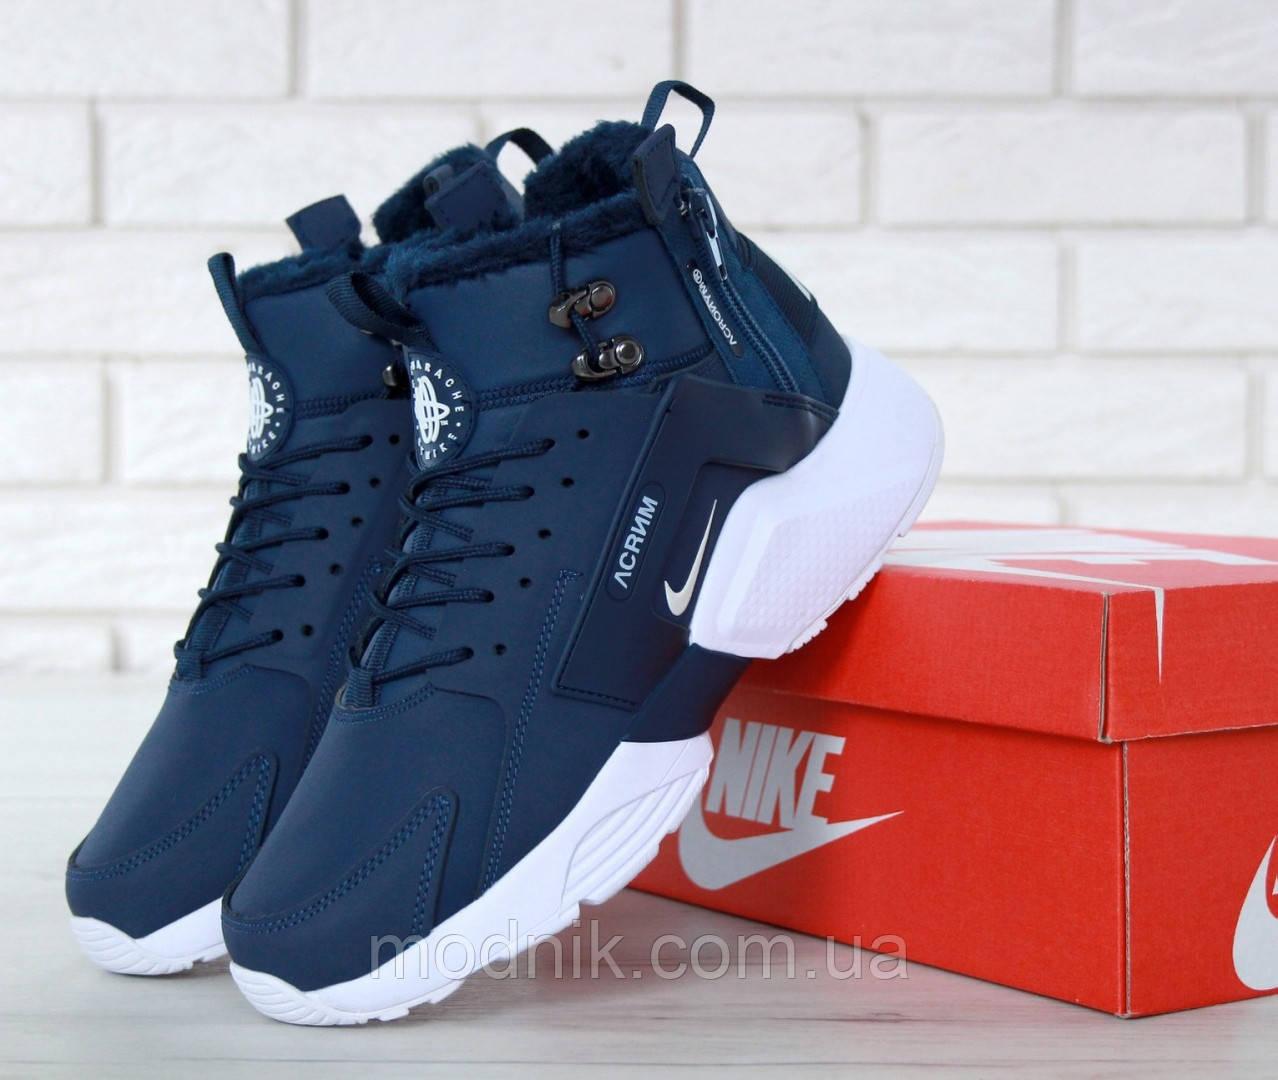 Мужские зимние кроссовки Nike Air Huarache Winter с мехом (сине-белые)